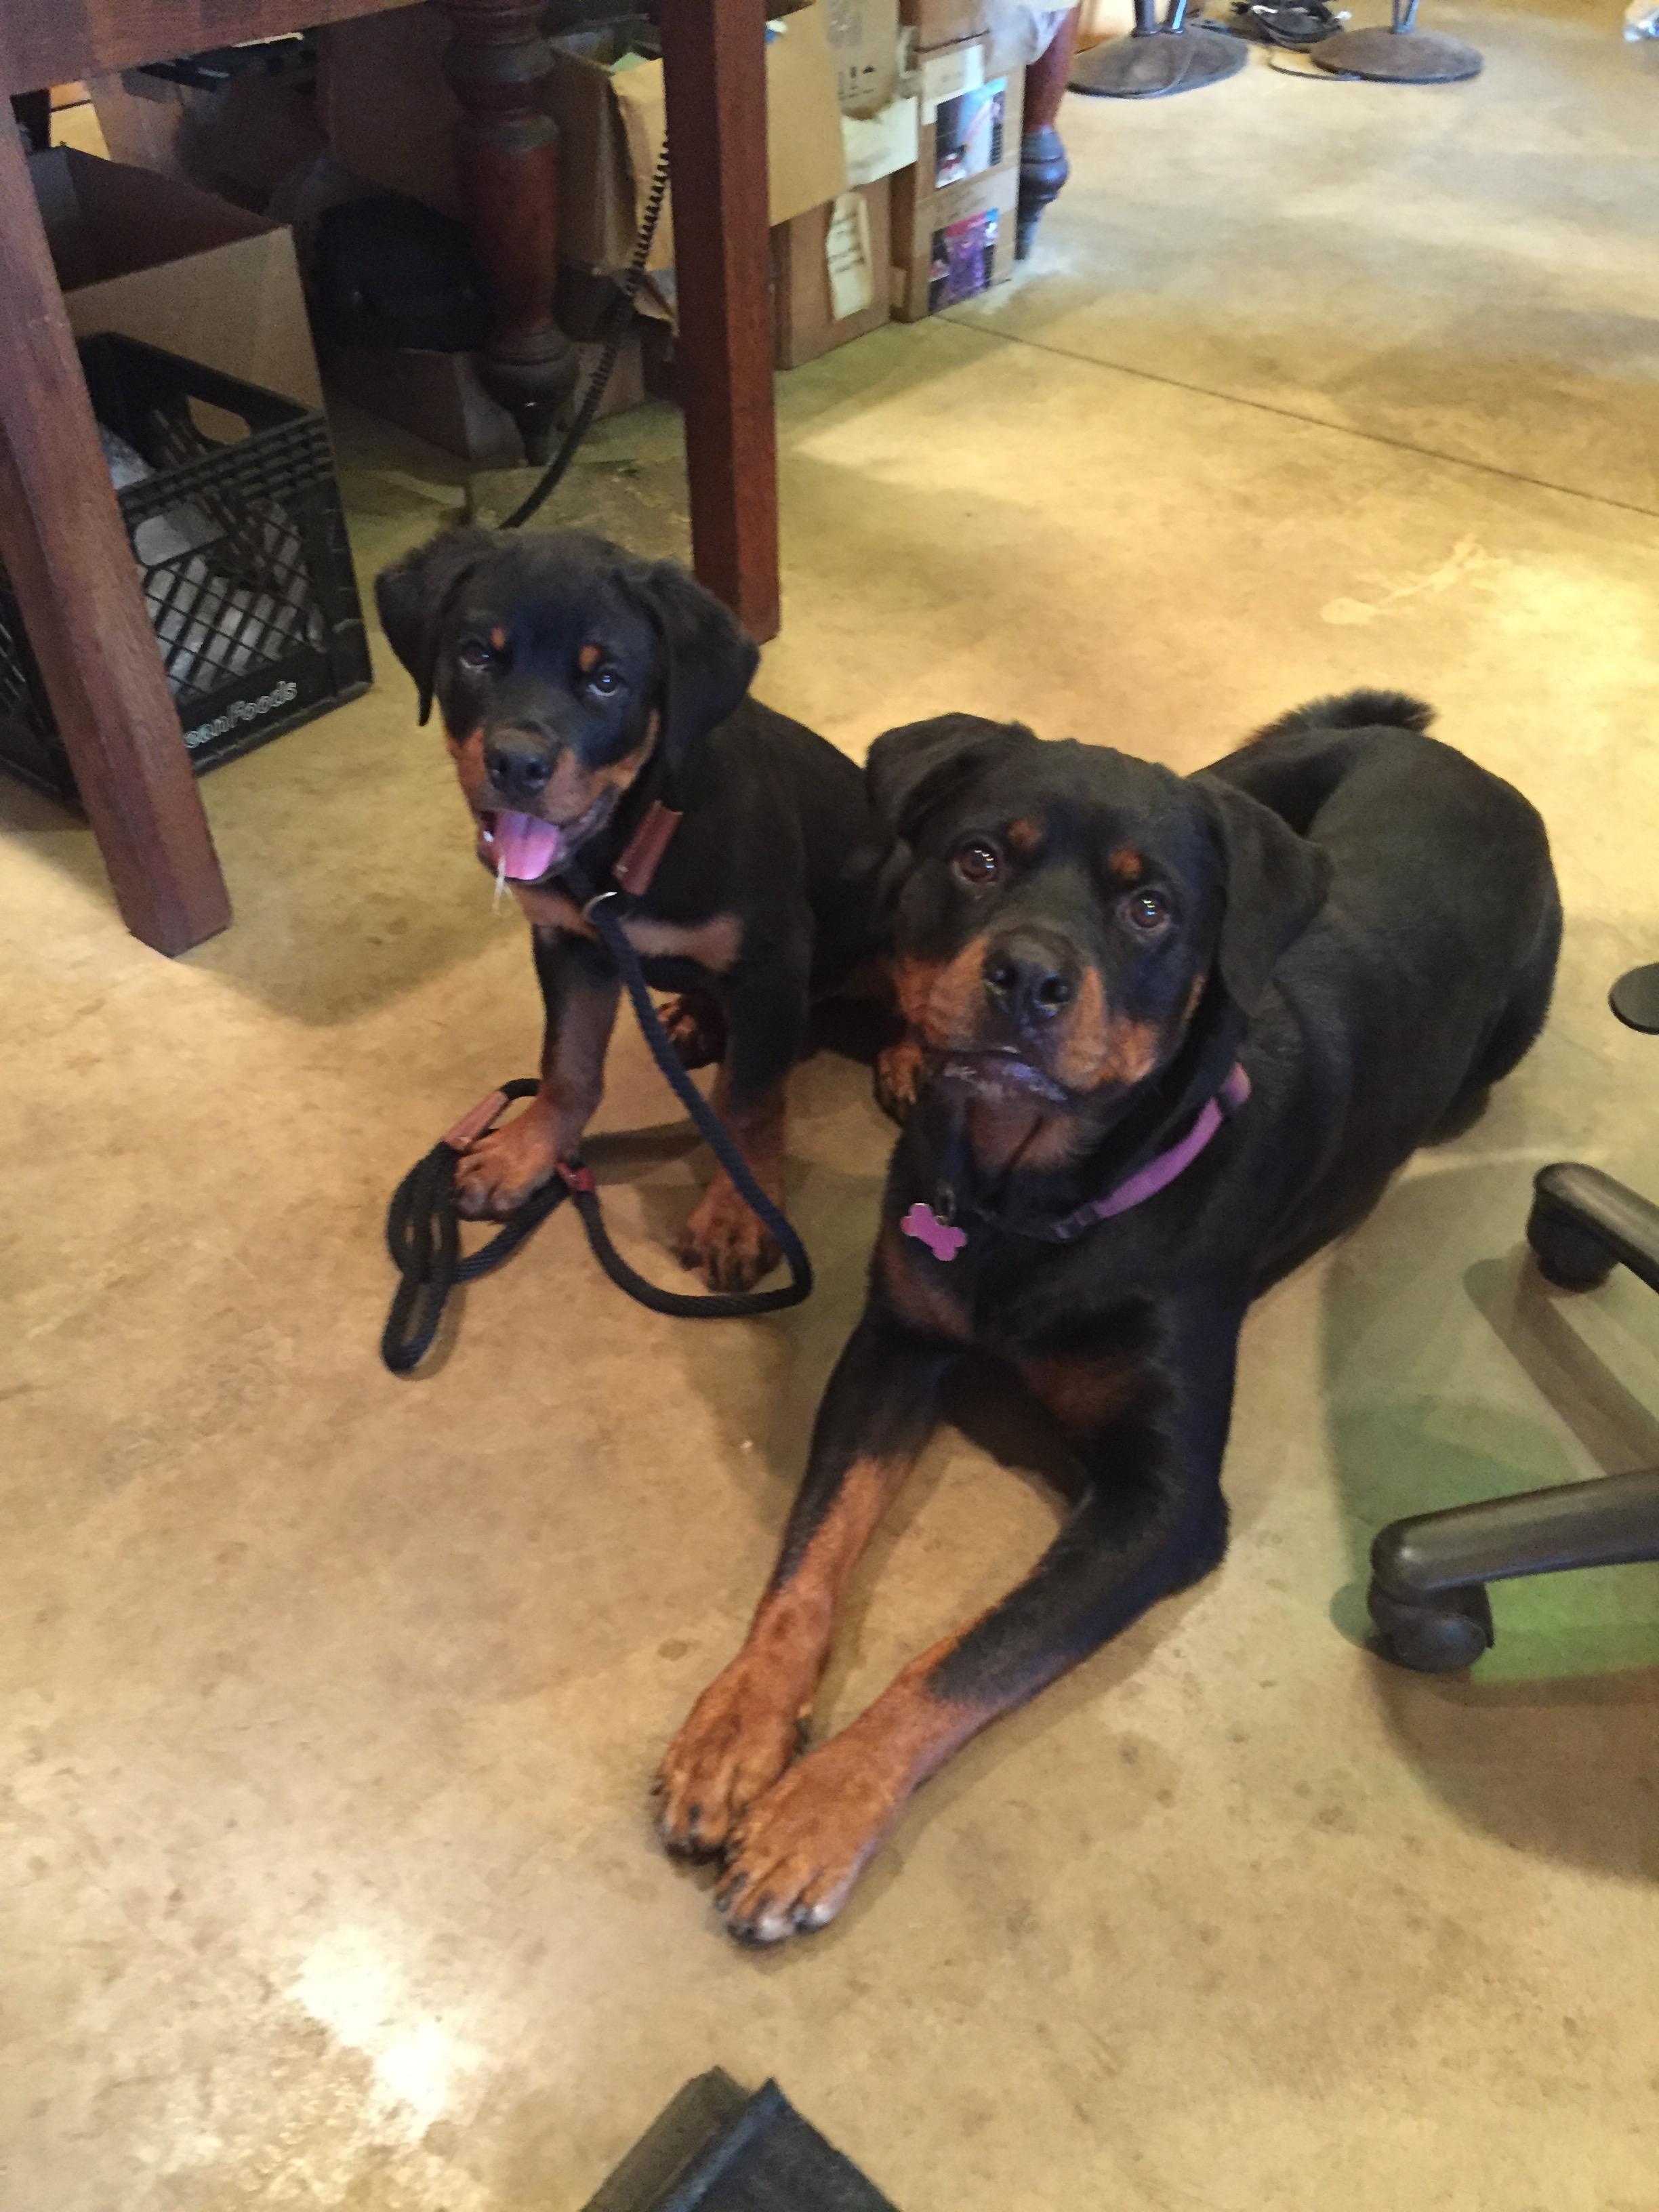 bella and duke bonding31.jpg